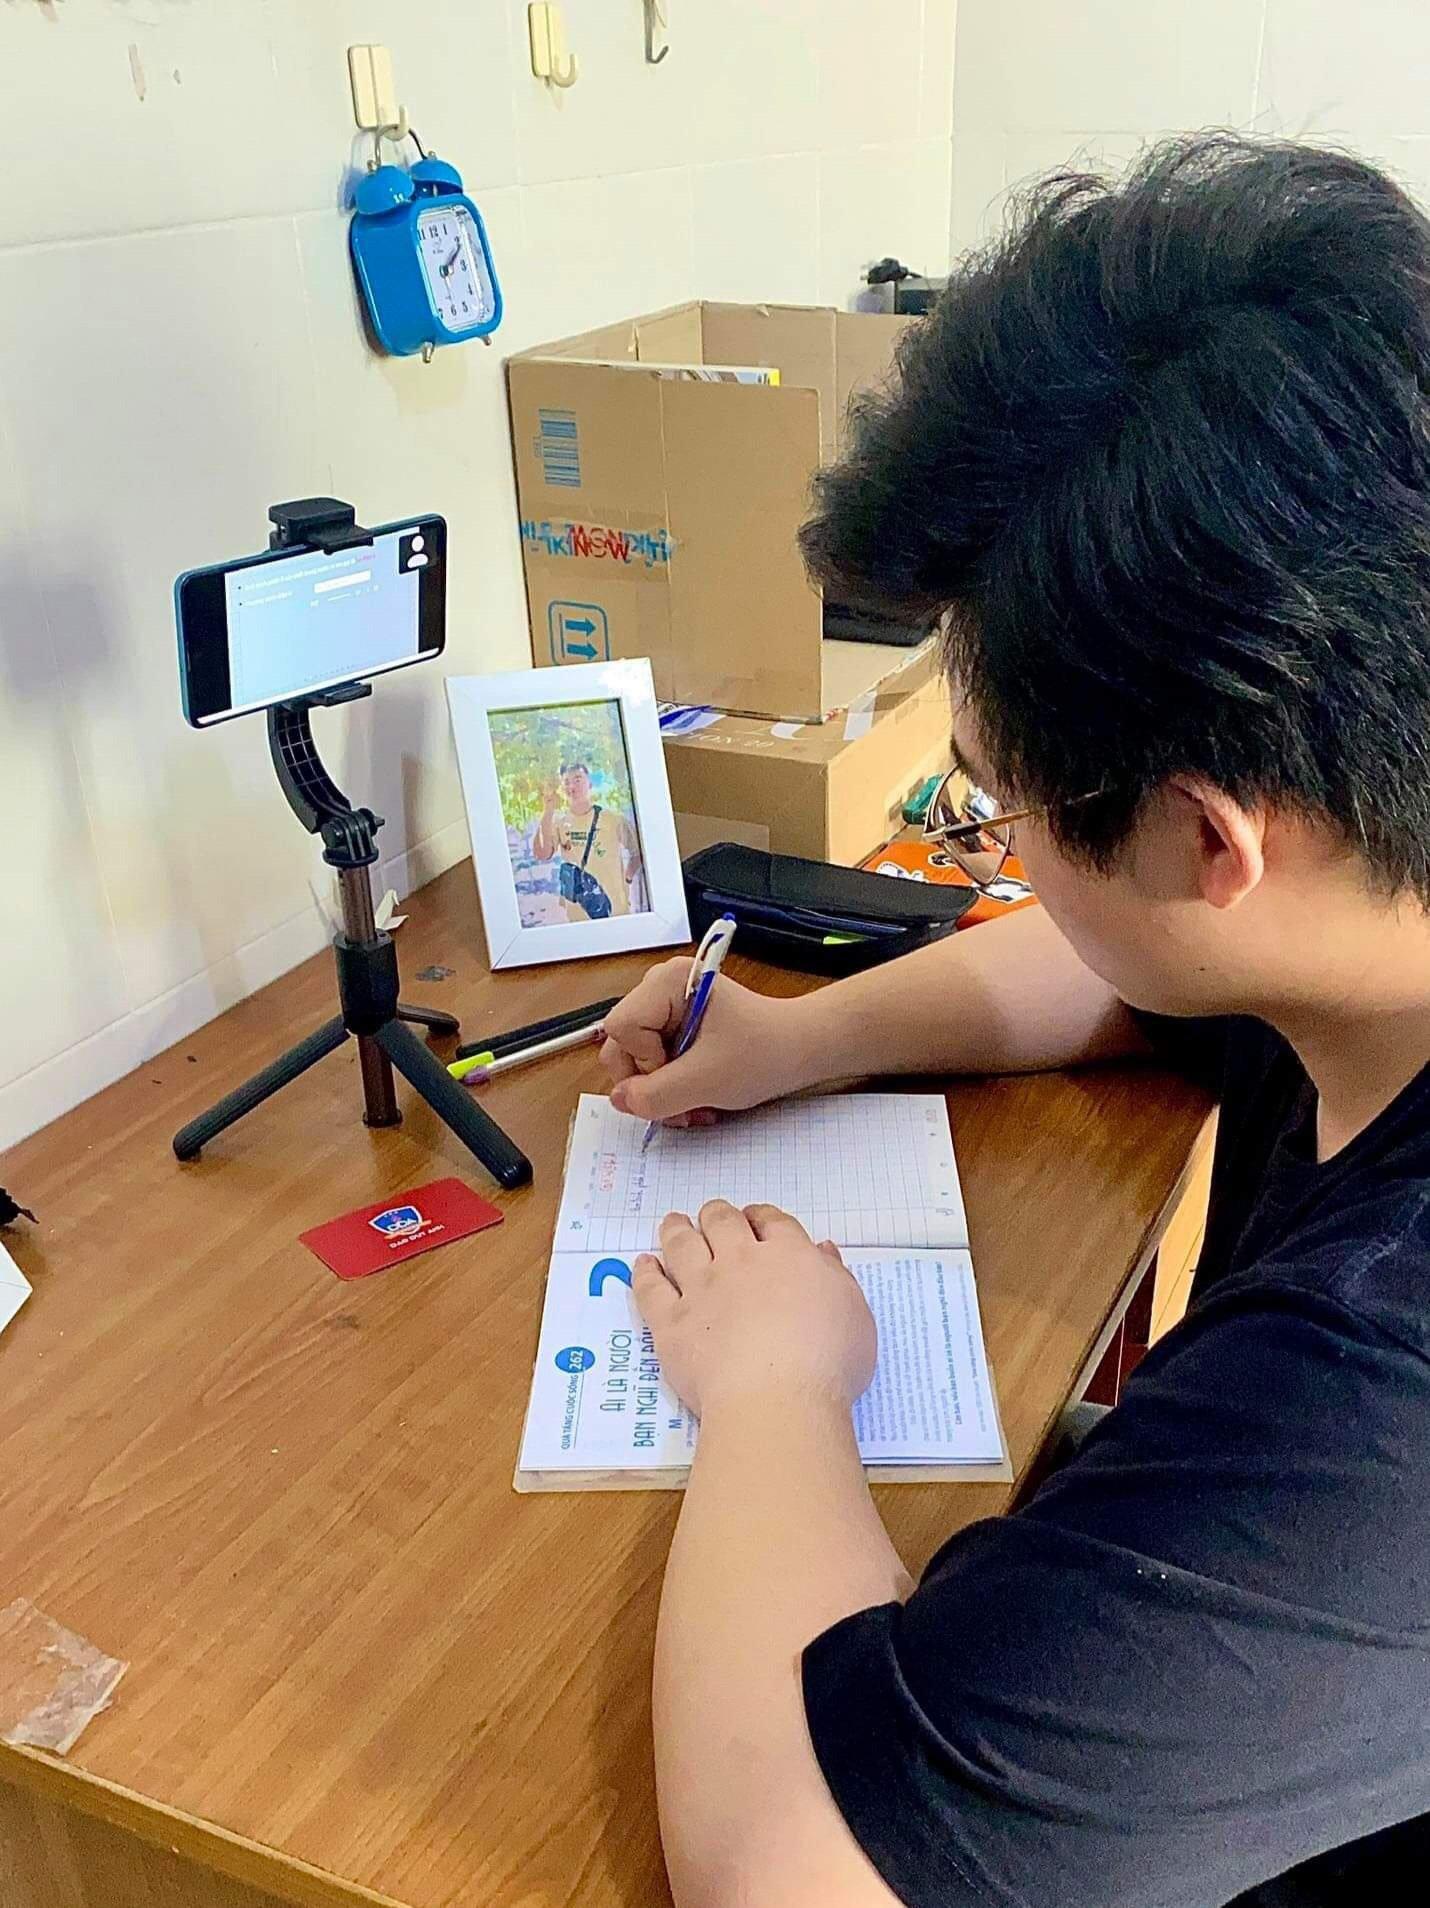 Học sinh trường THPT Đào Duy Anh học trực tuyến tại nhà hồi đầu tháng 9. Ảnh: Trần Minh